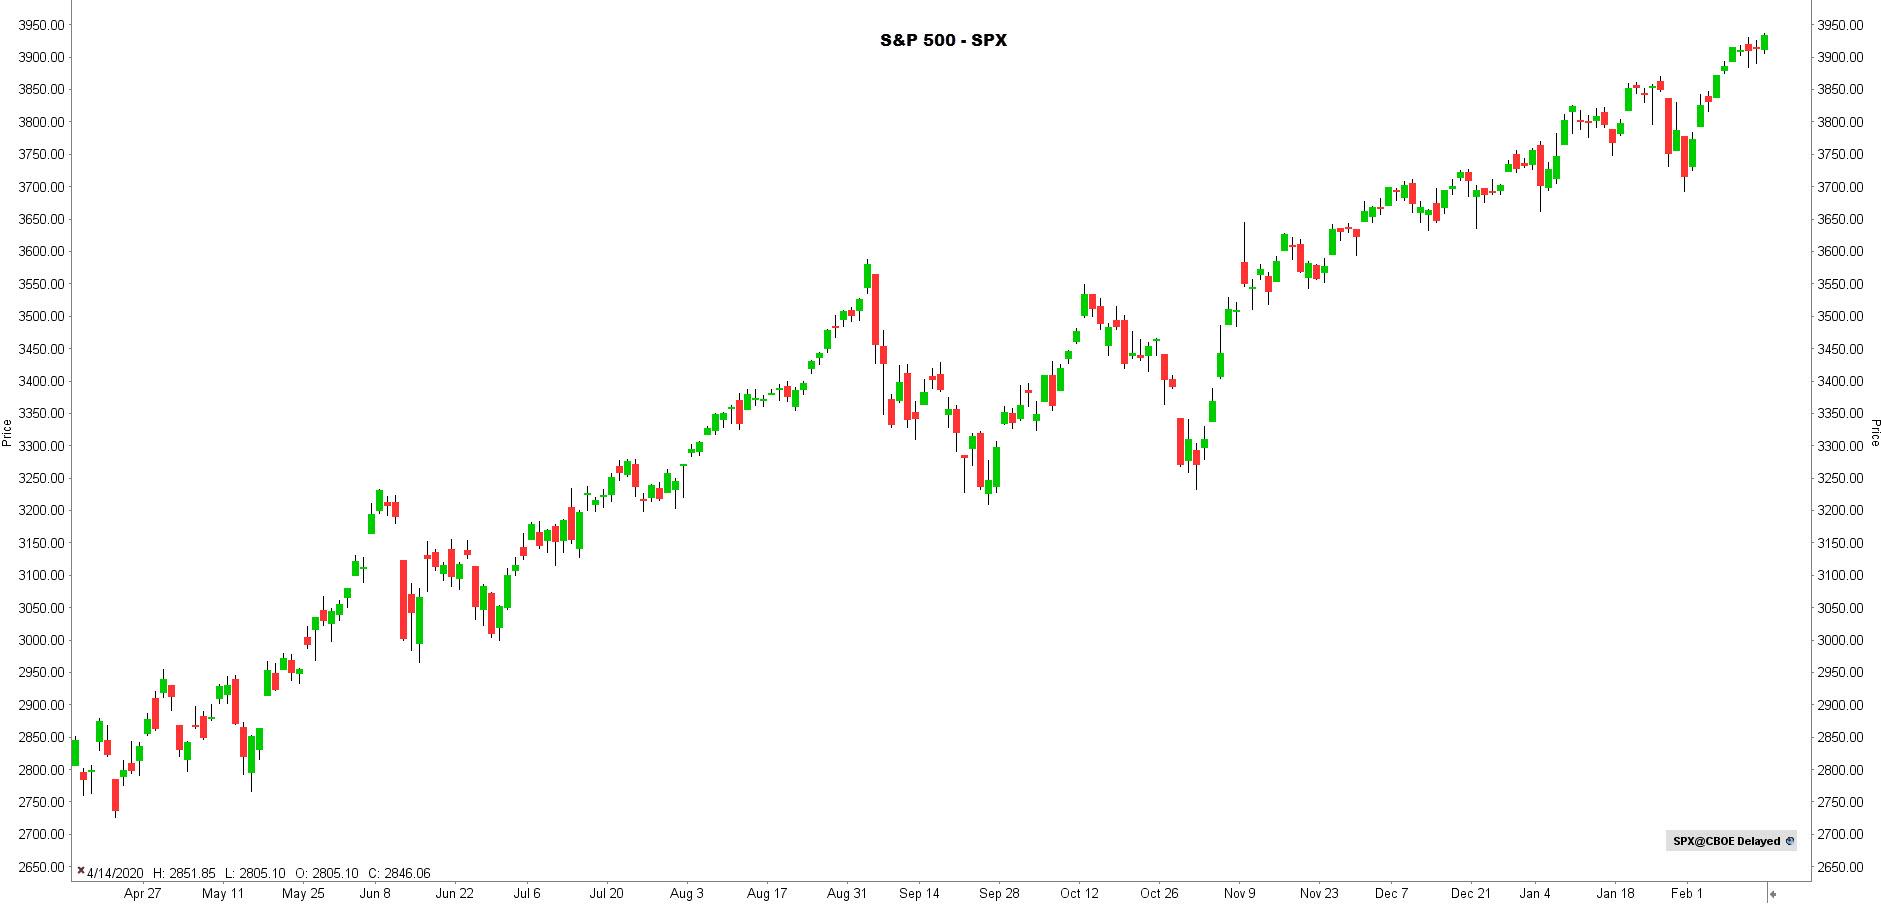 la chronique lynx broker 150221 - graphique SPX